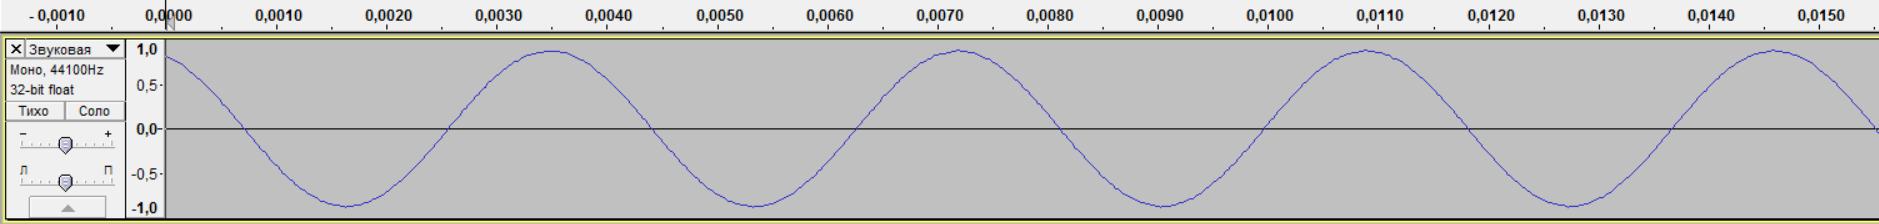 Переходим с STM32 на российский микроконтроллер К1986ВЕ92QI. Практическое применение: Генерируем и воспроизводим звук. Часть первая: генерируем прямоугольный и синусоидальный сигнал. Освоение ЦАП (DAC) - 21